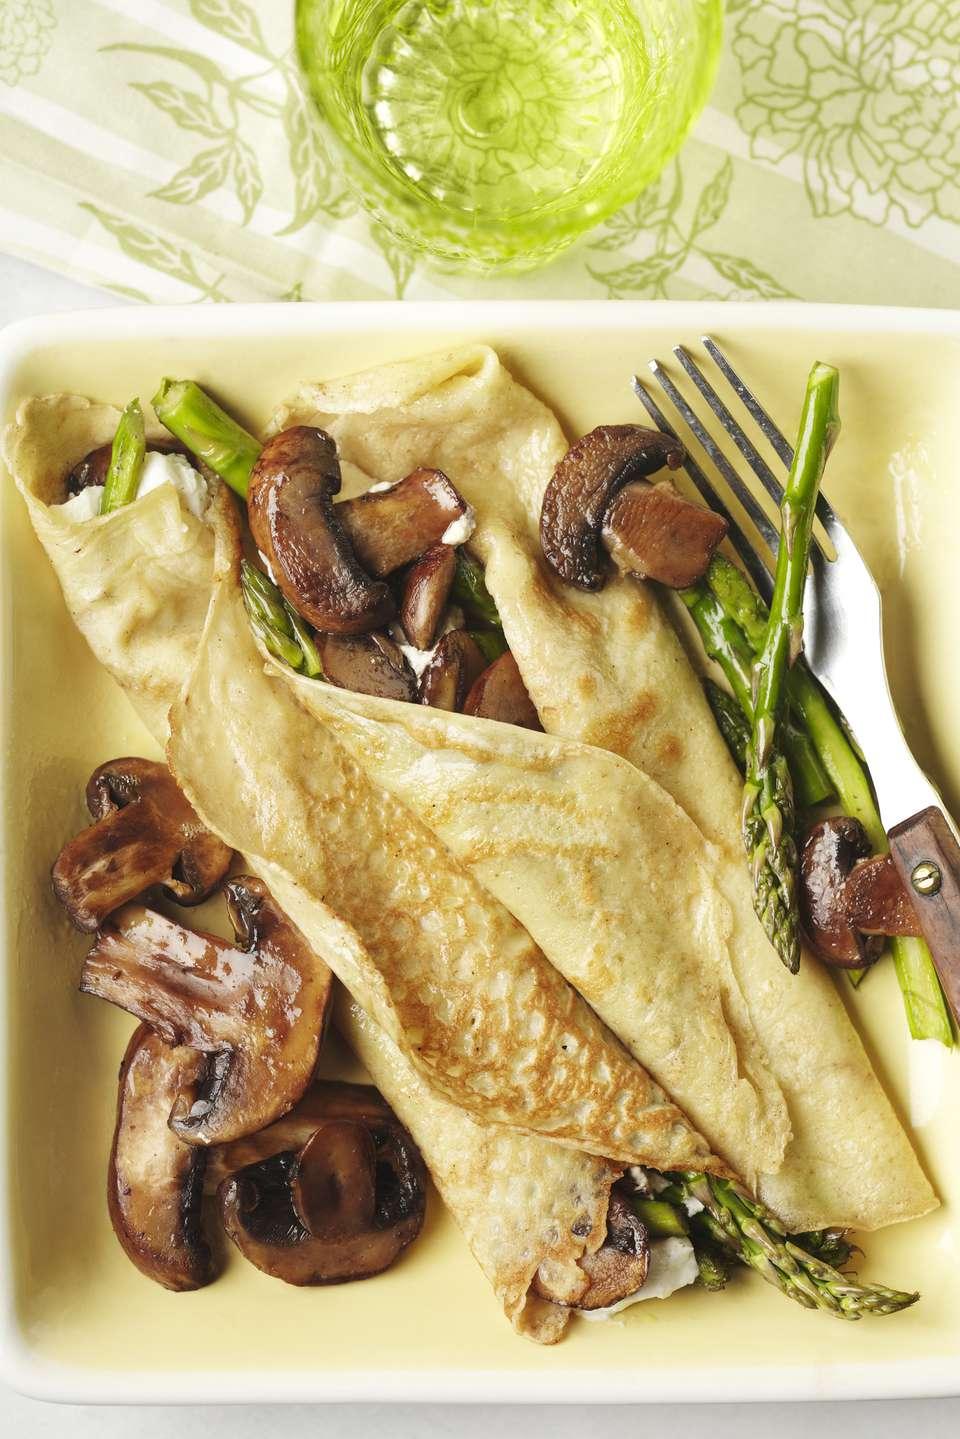 Receta de crepes rellenos de pollo y champiñones (Blini)